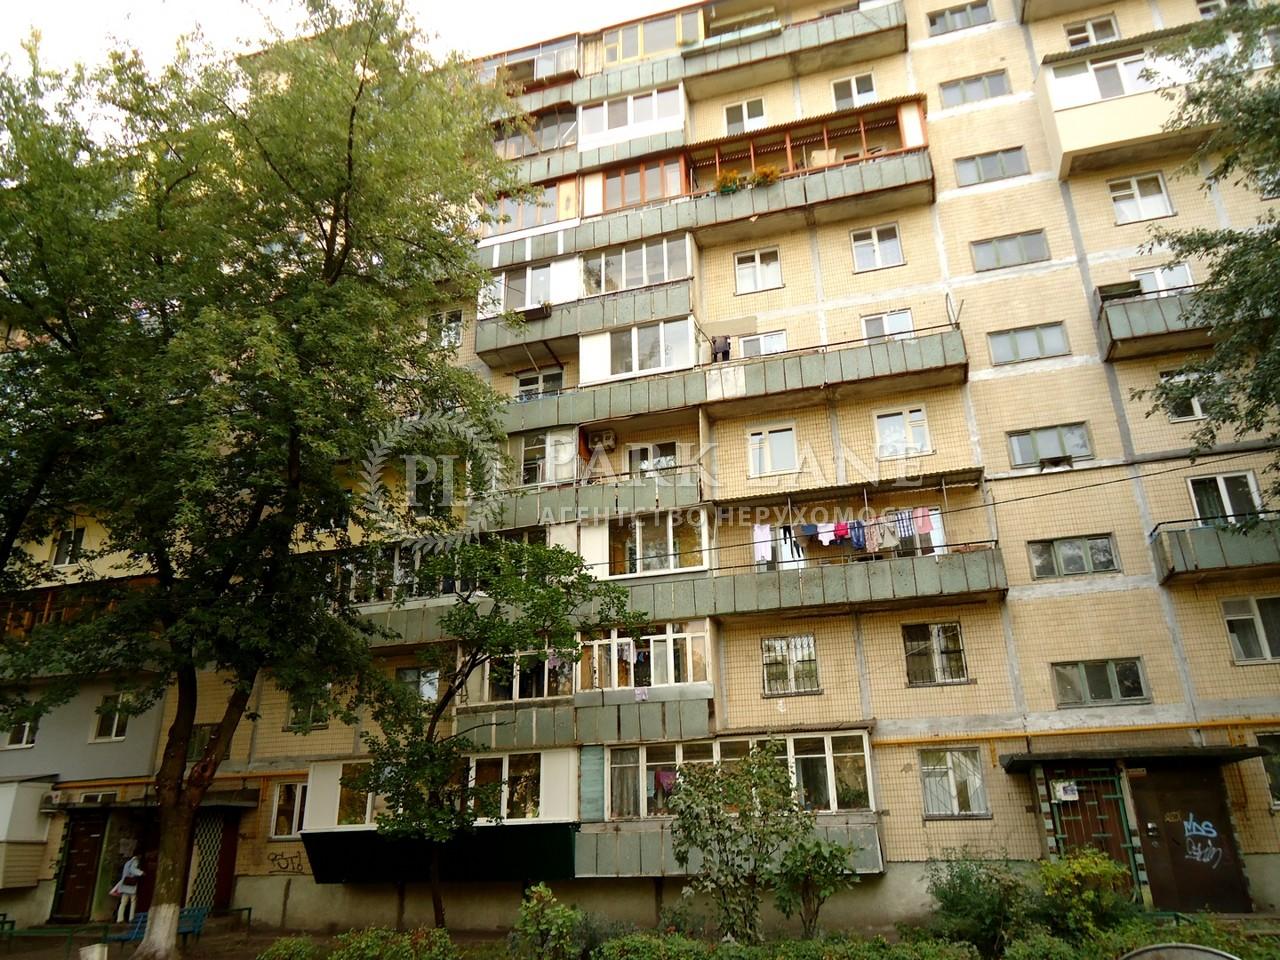 Квартира B-100764, Лесной просп., 17б, Киев - Фото 1